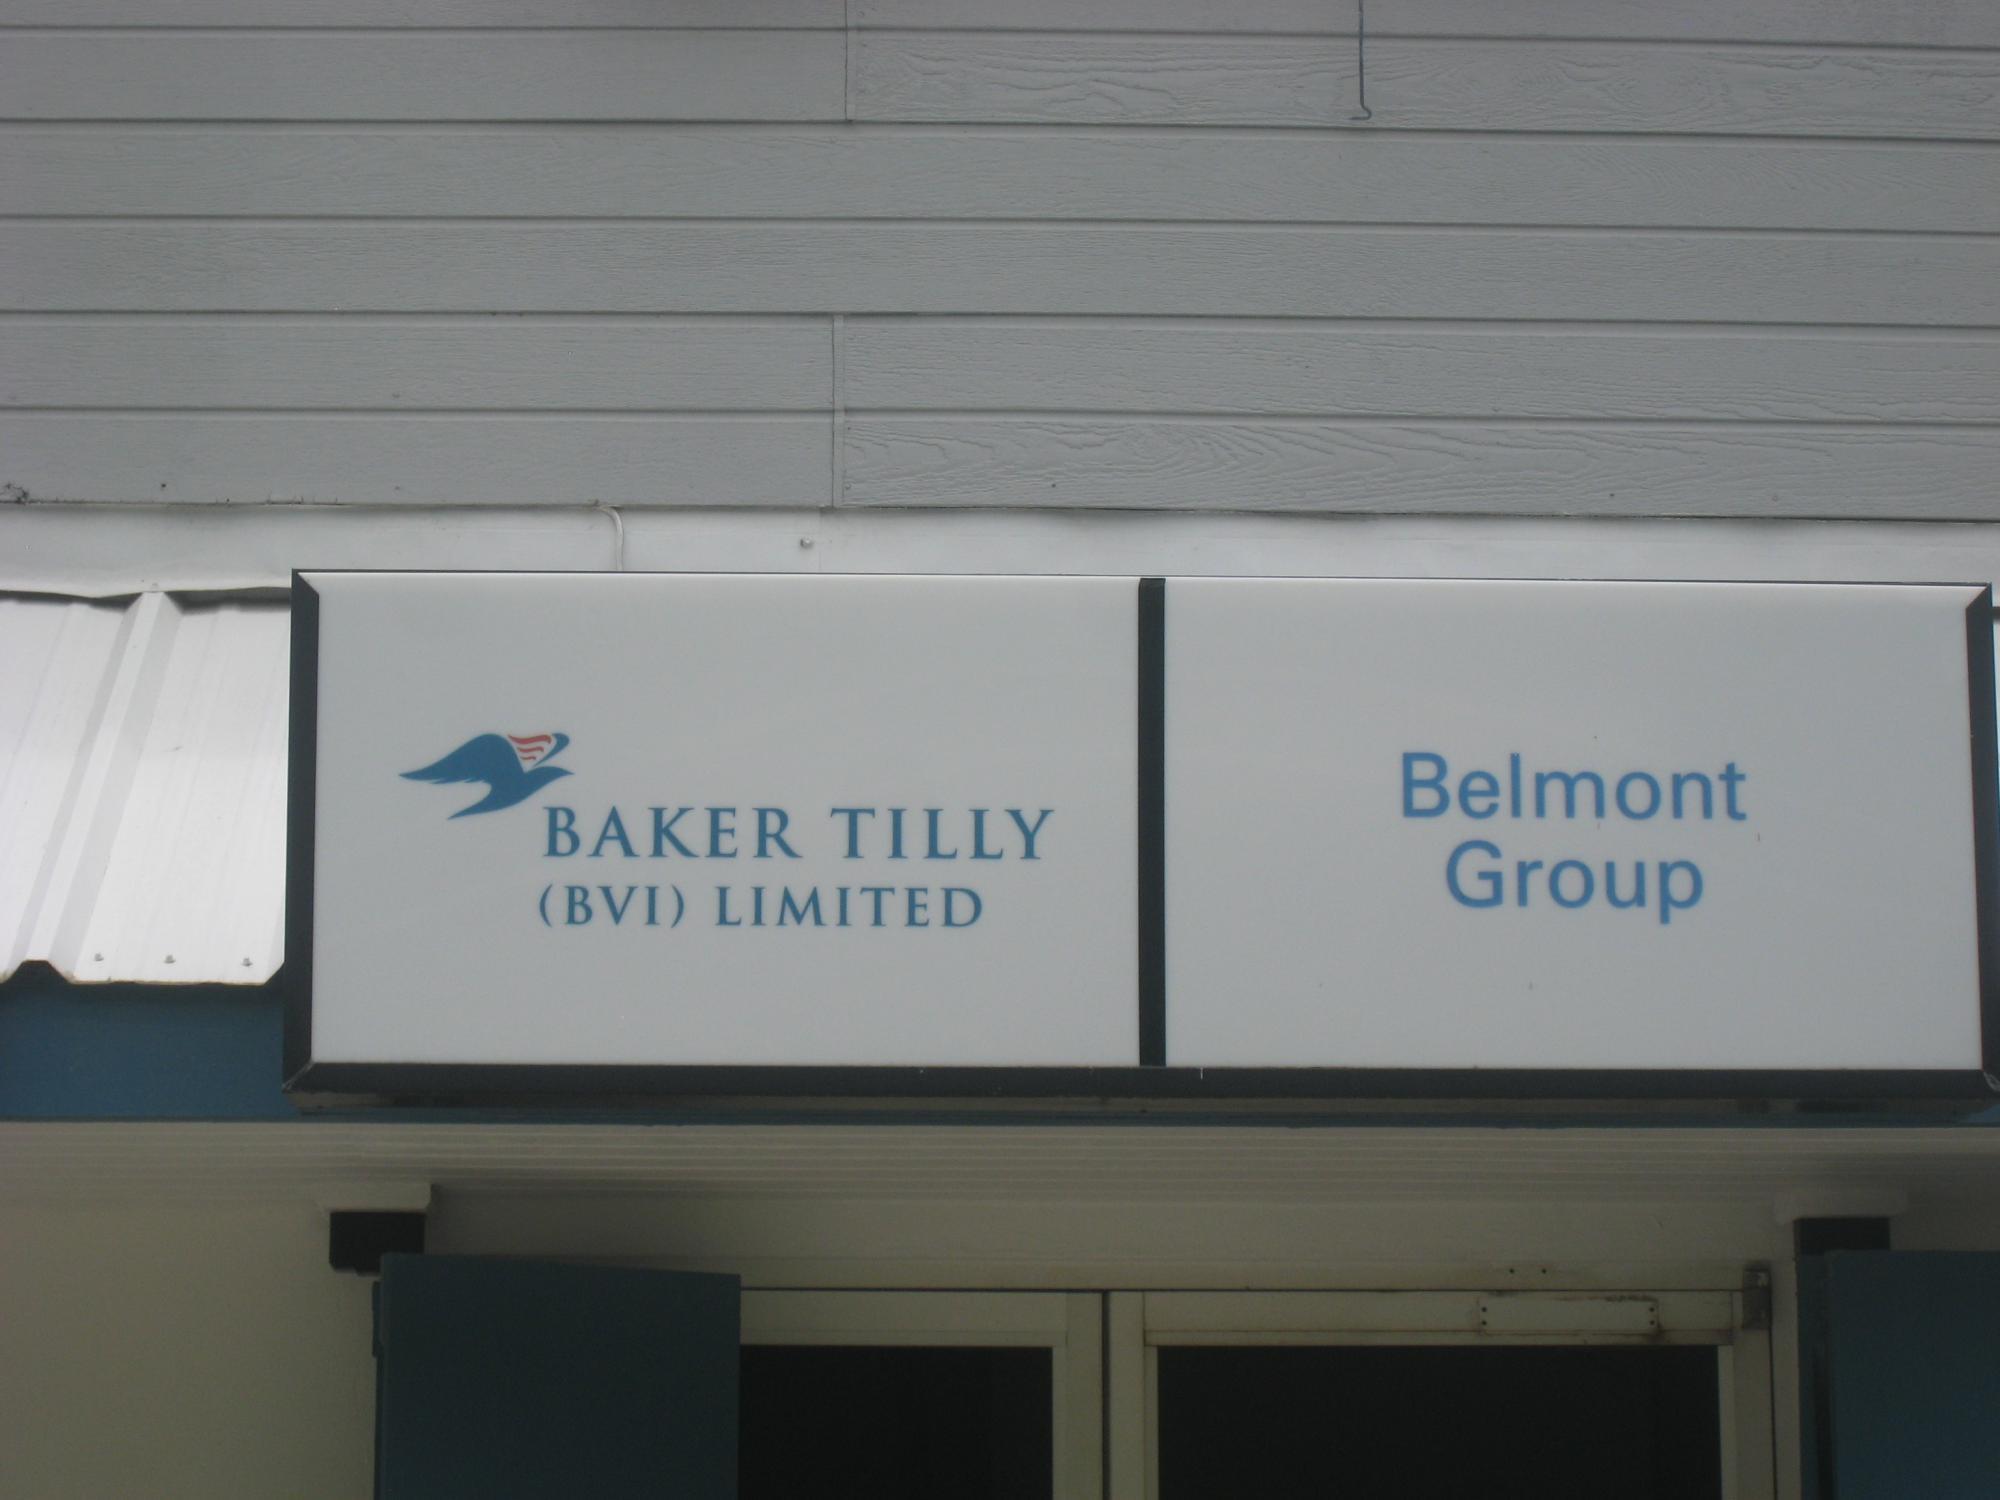 2011: Baker Tilly (BVI), Limited. На сегодняшний день отсутствующий в списке агентов